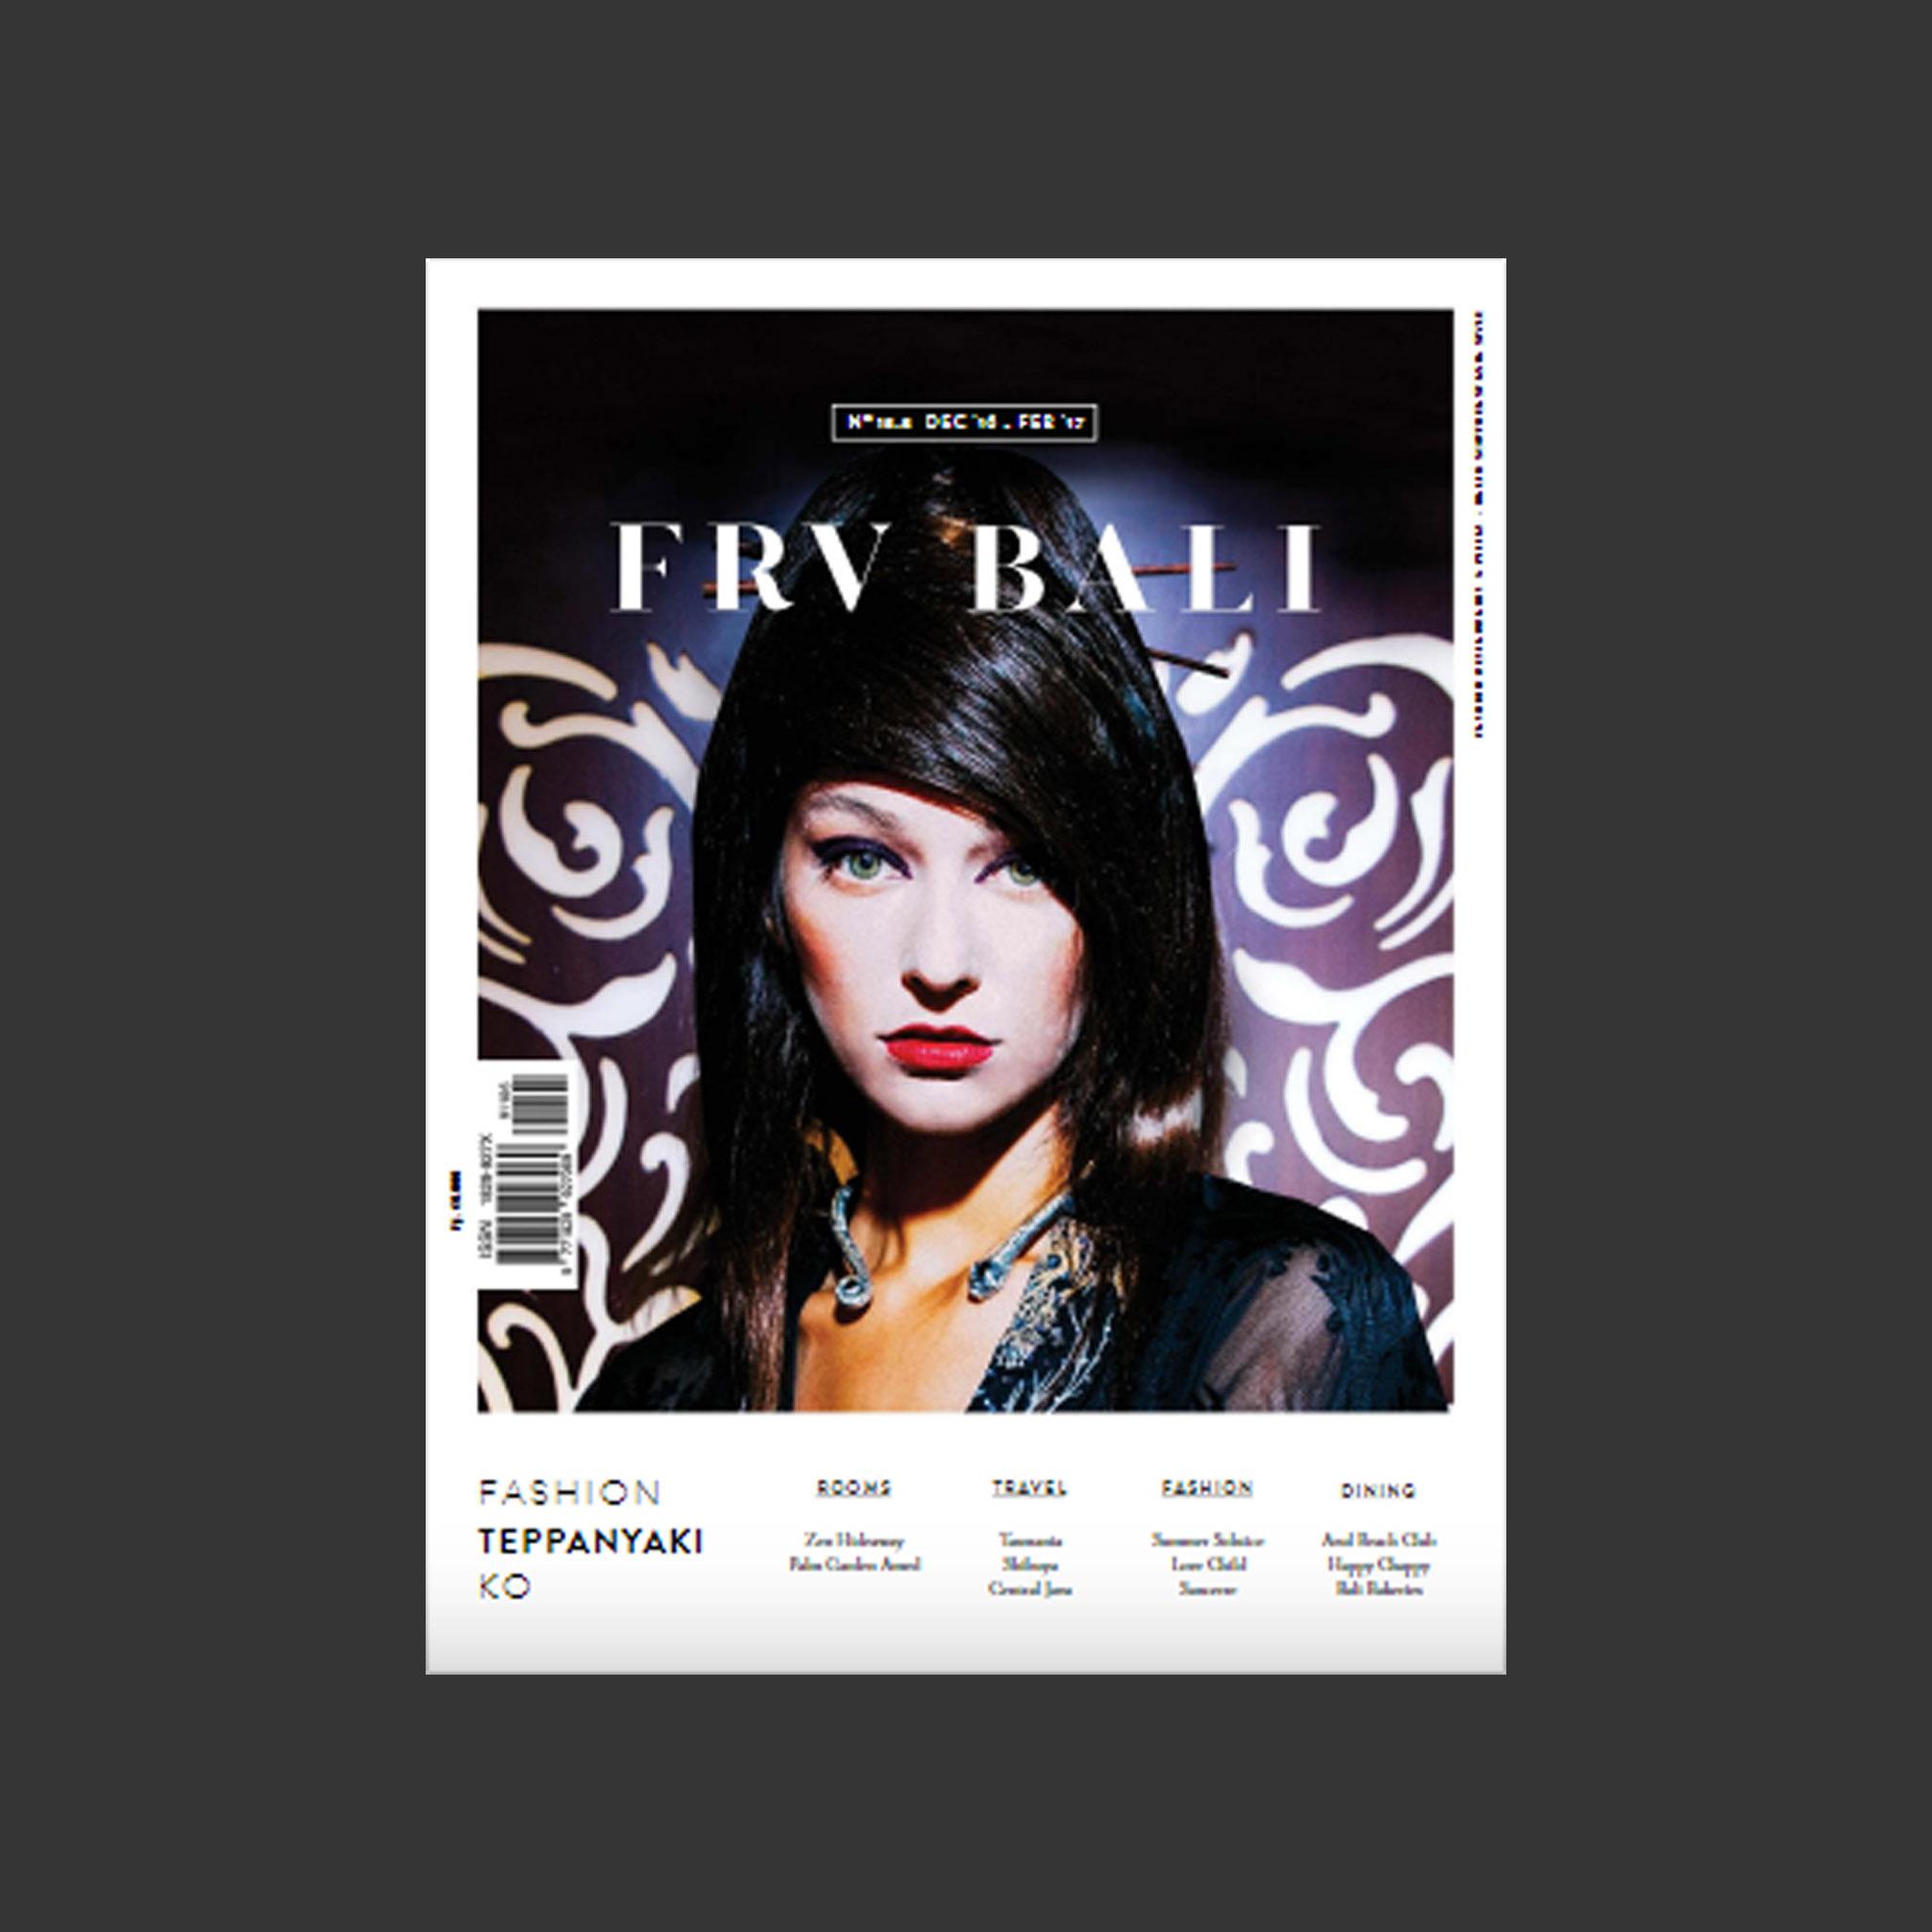 FRV Bali 13 3 Dec 2016-Feb 2017